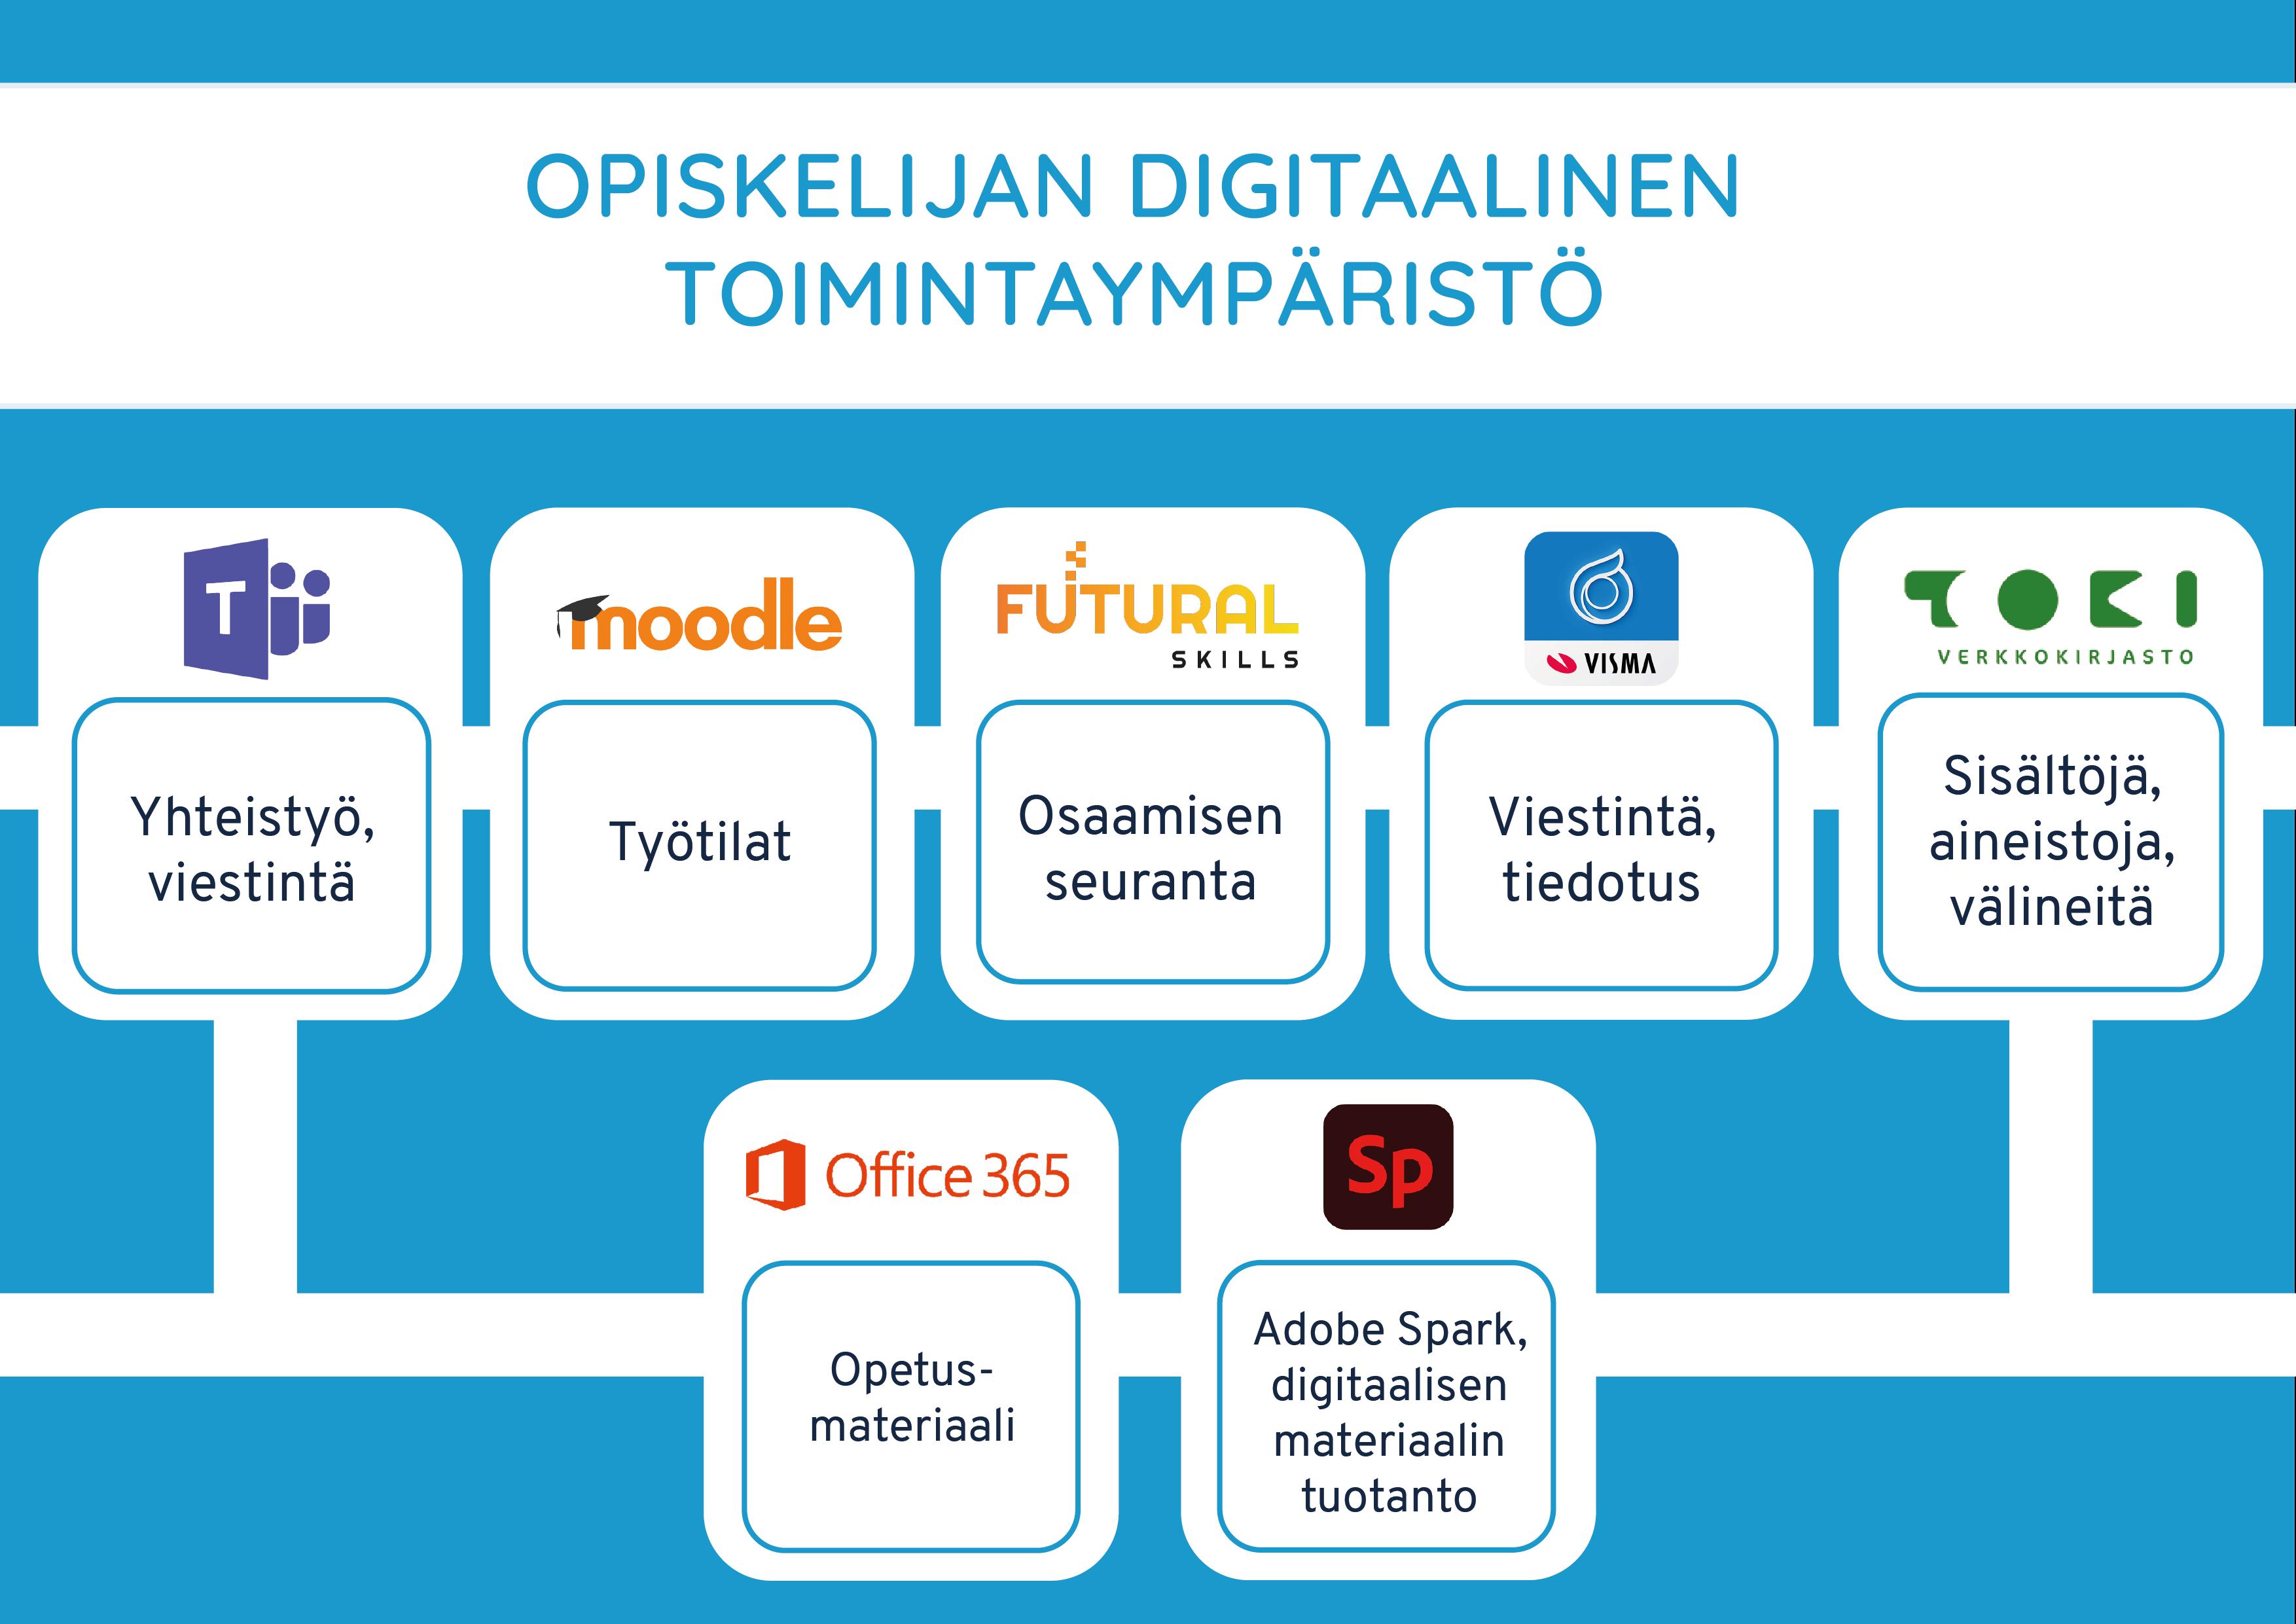 Opiskelijan digitaalinen toimintaympäristö